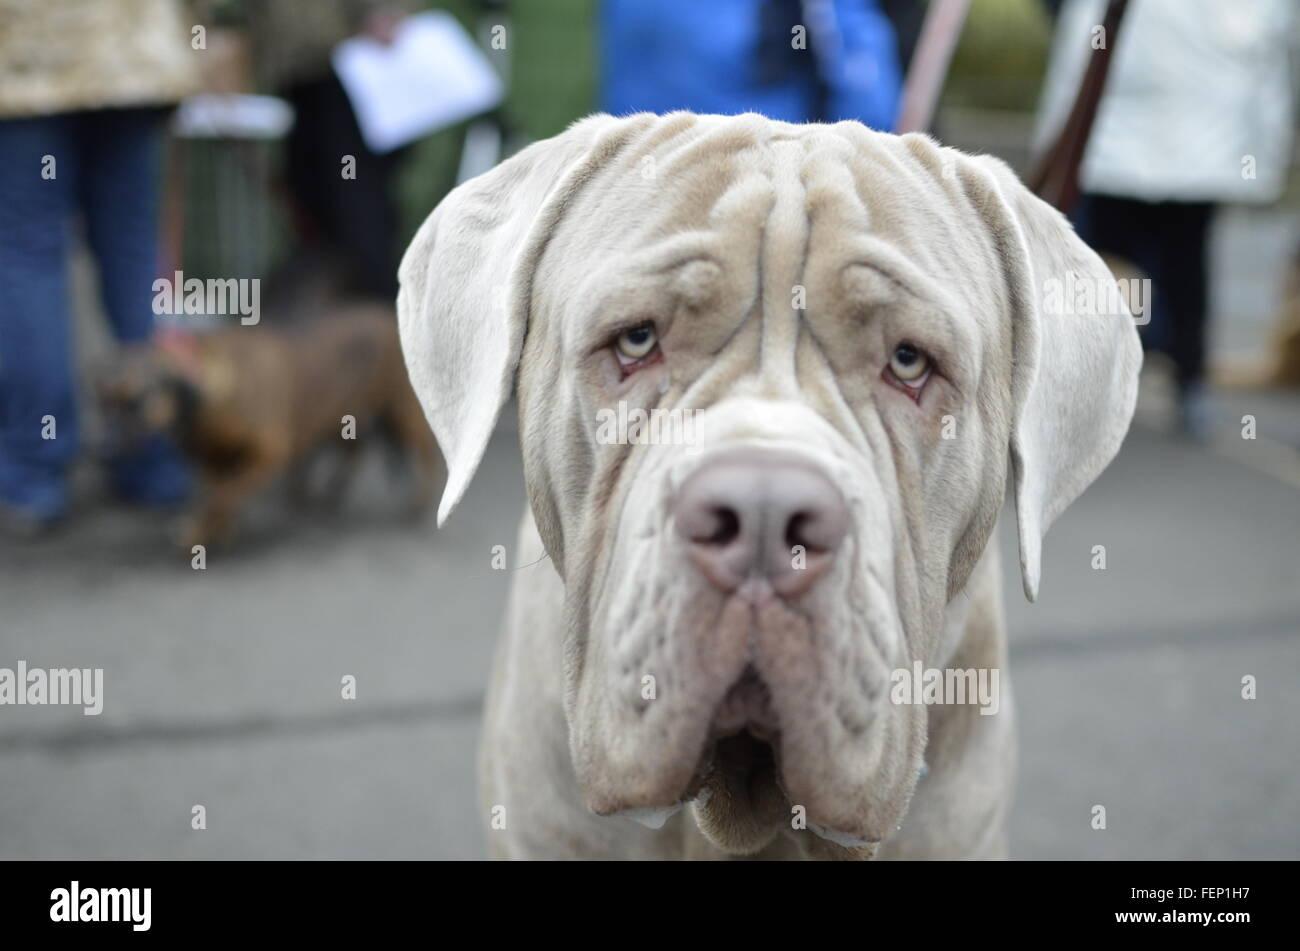 Close-Up Of Neapolitan Mastiff - Stock Image